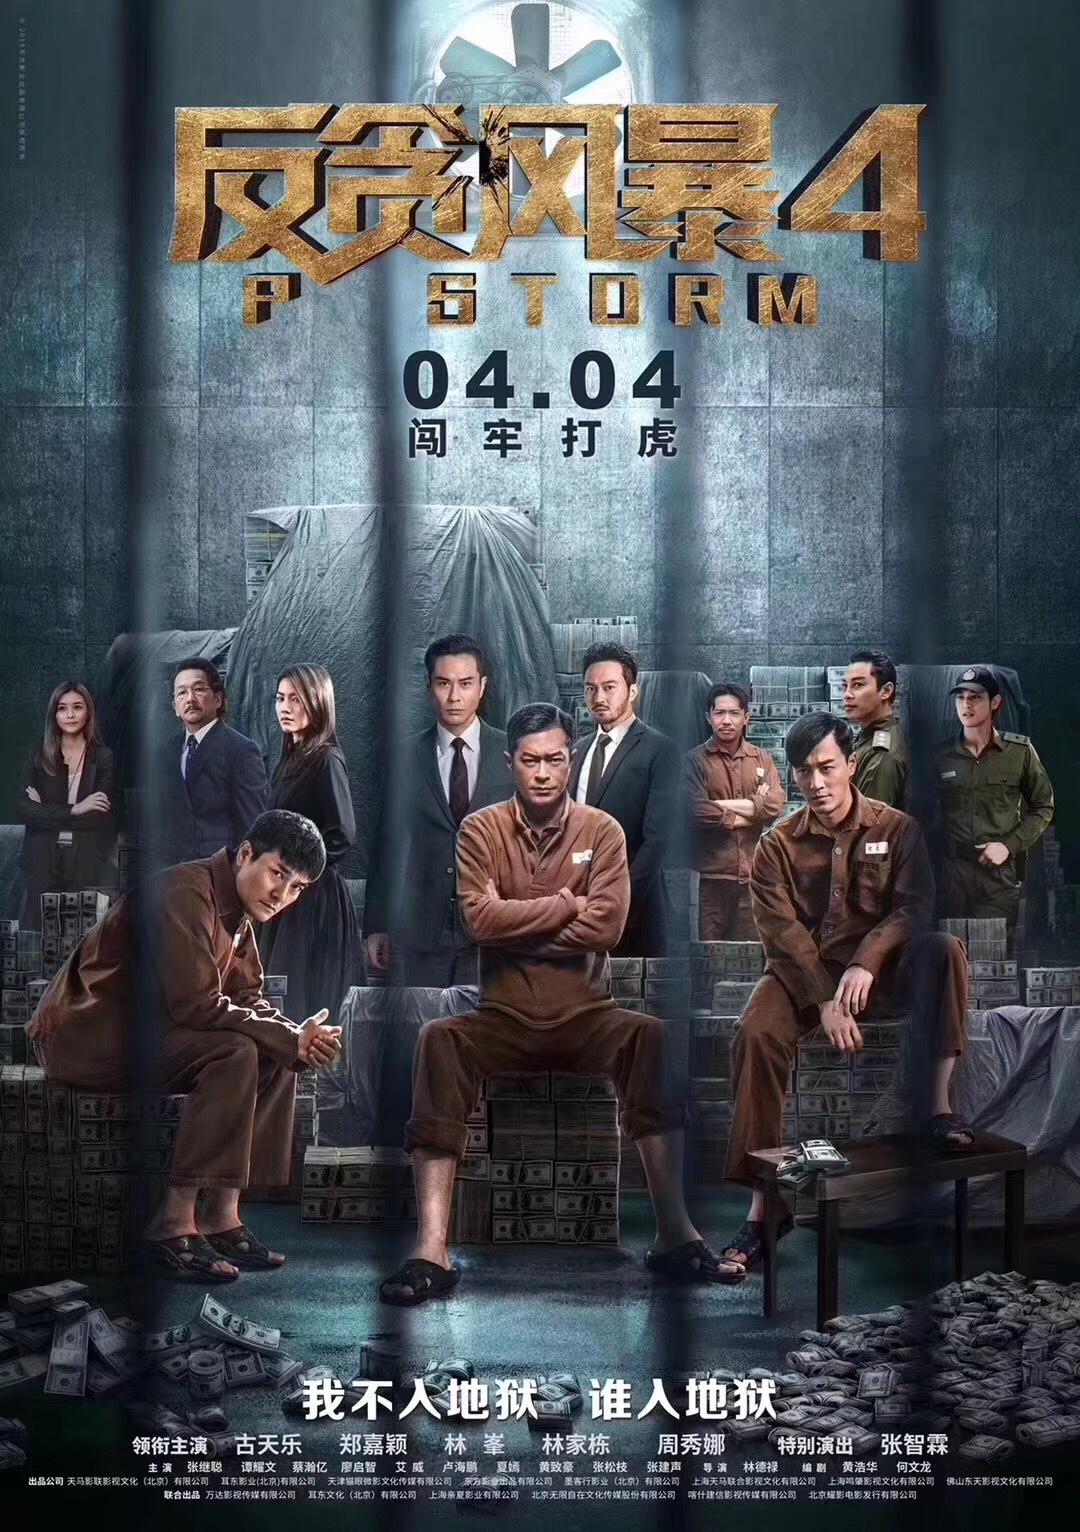 刘梦娜《反贪风暴4》定档4.4 新角色入局风暴升级